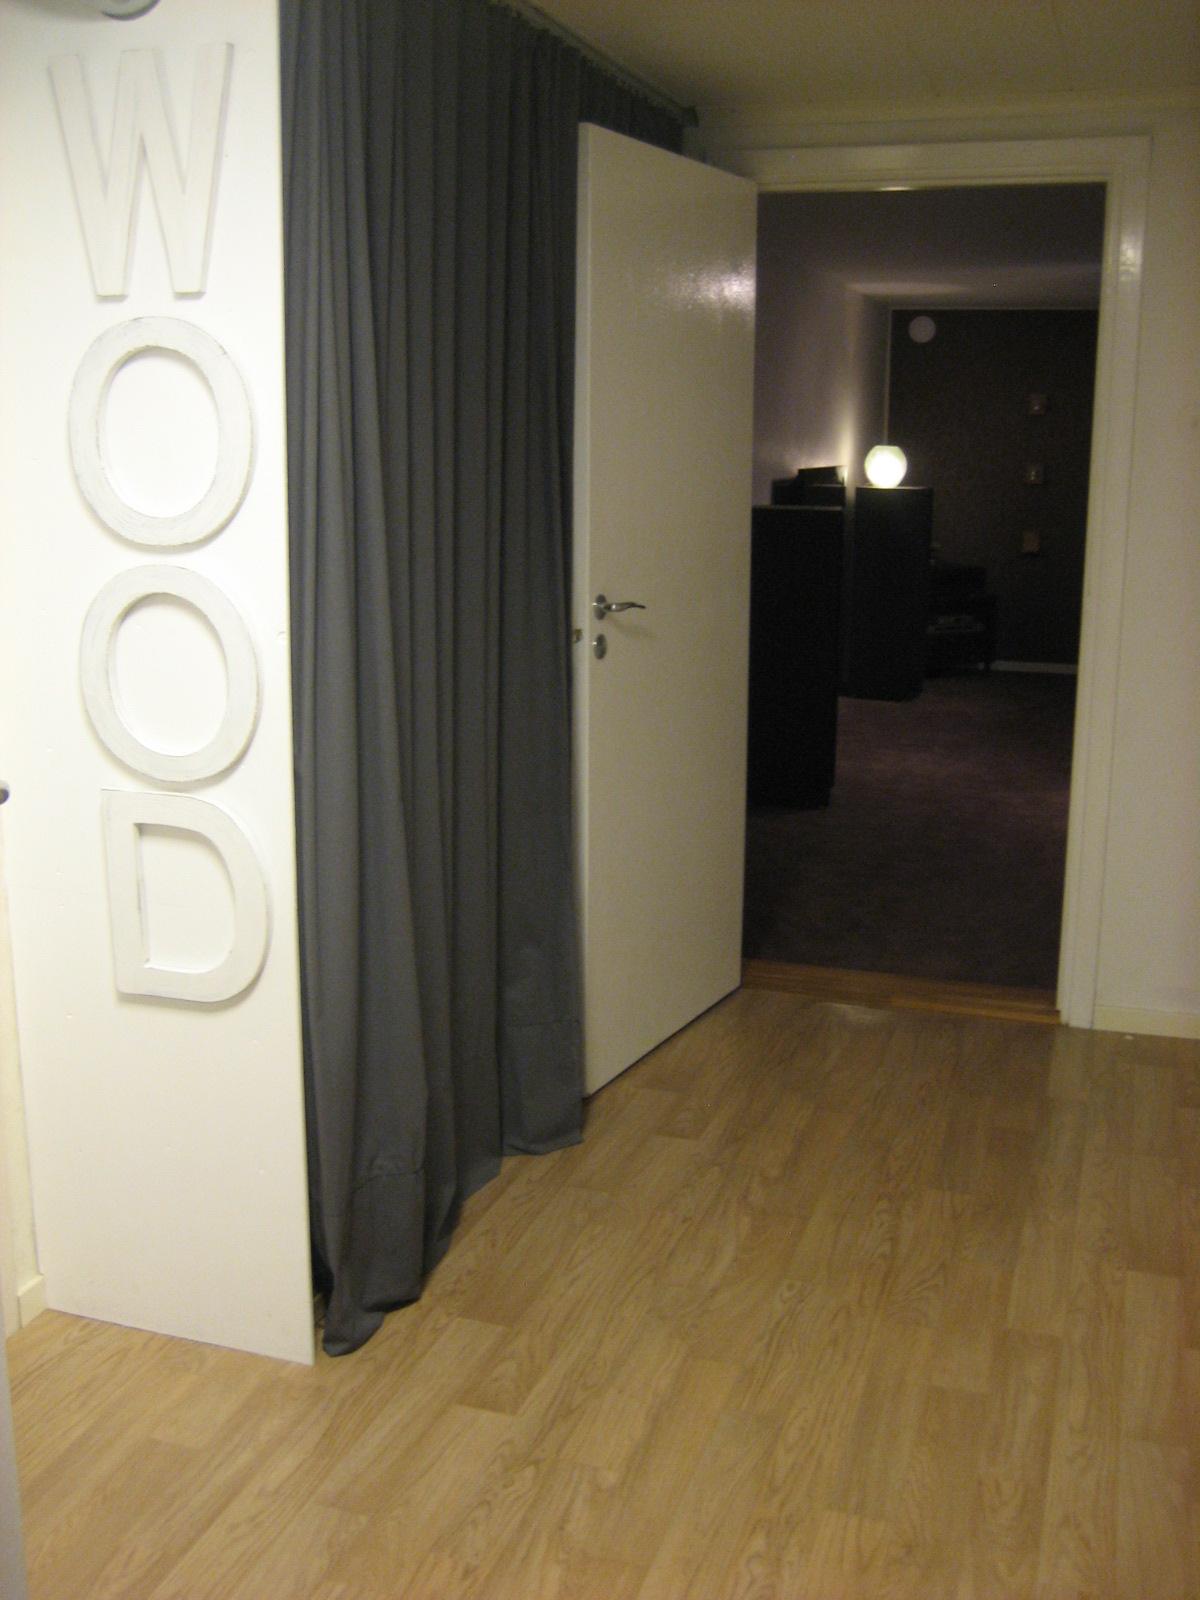 Vita huset 28: wood